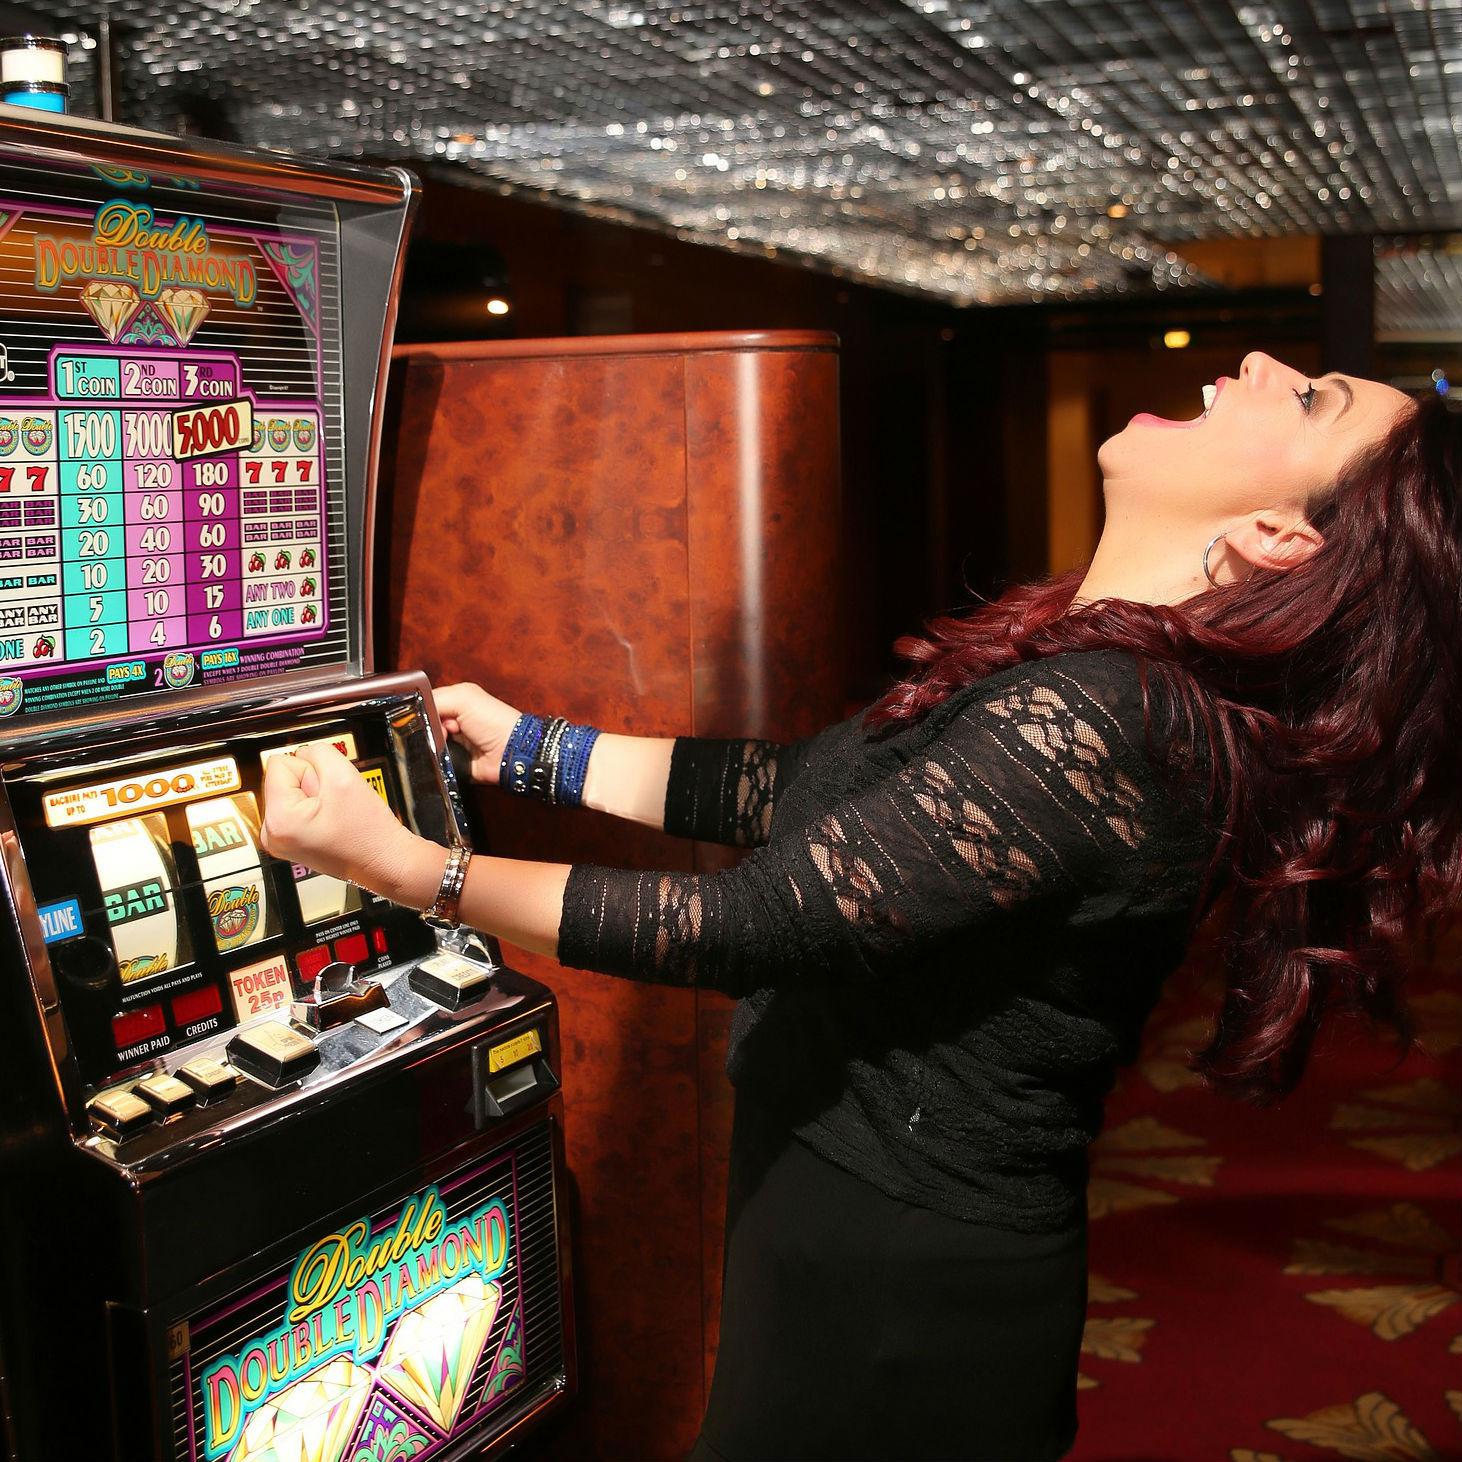 カジノ法案成立……でいいのか? 「完全に治ることはあり得ない」ギャンブル依存症に潜む本当の恐怖